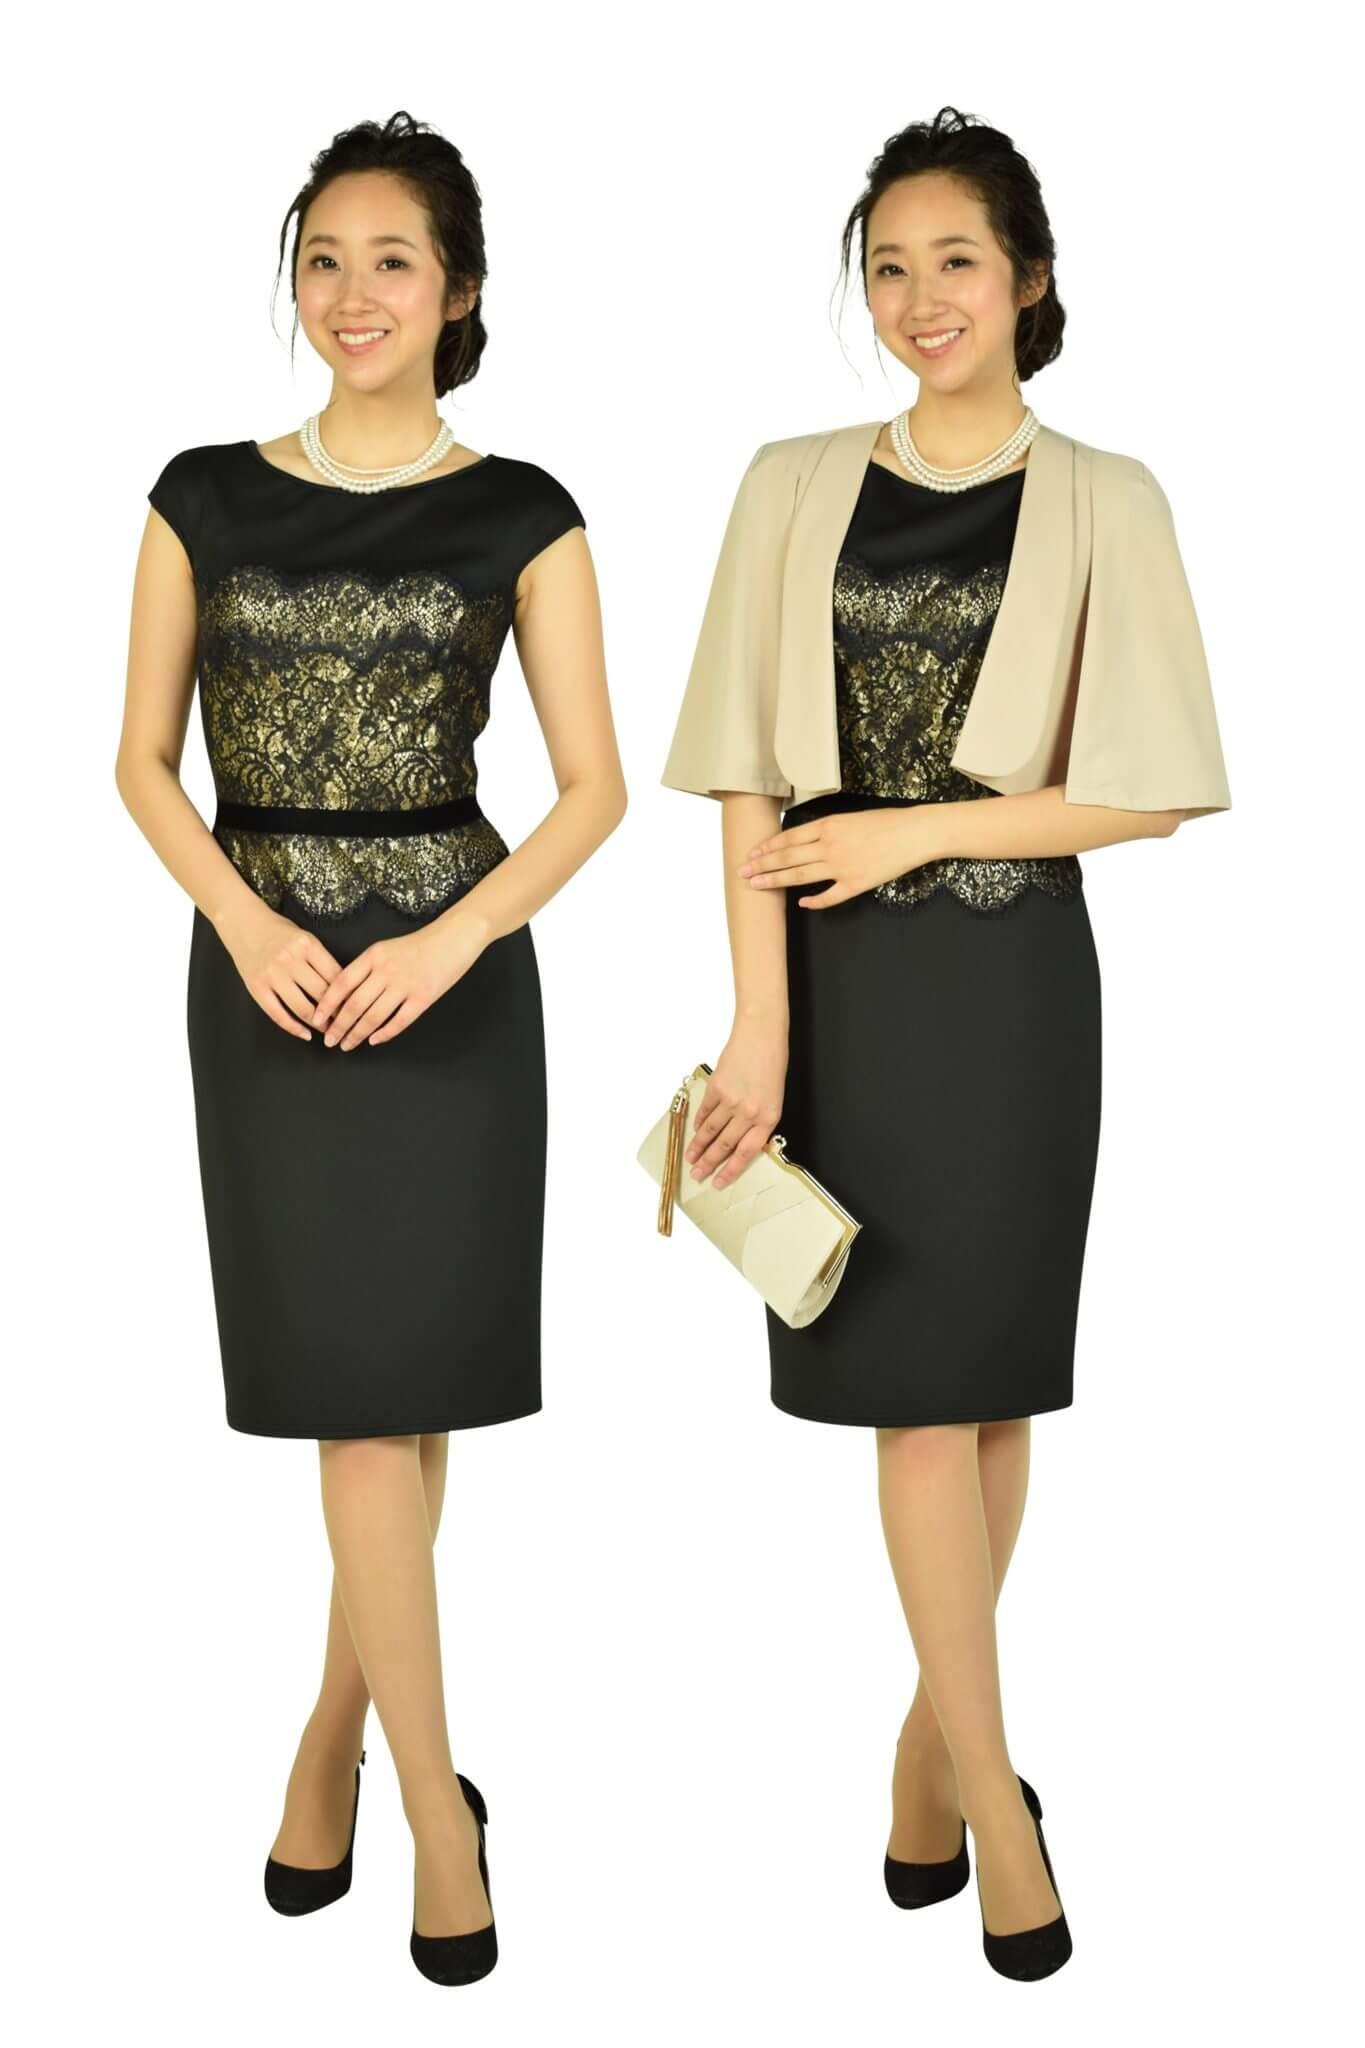 タダシ・ショージ (Tadashi Shoji)エレガントブラック×ゴールドタイトドレス